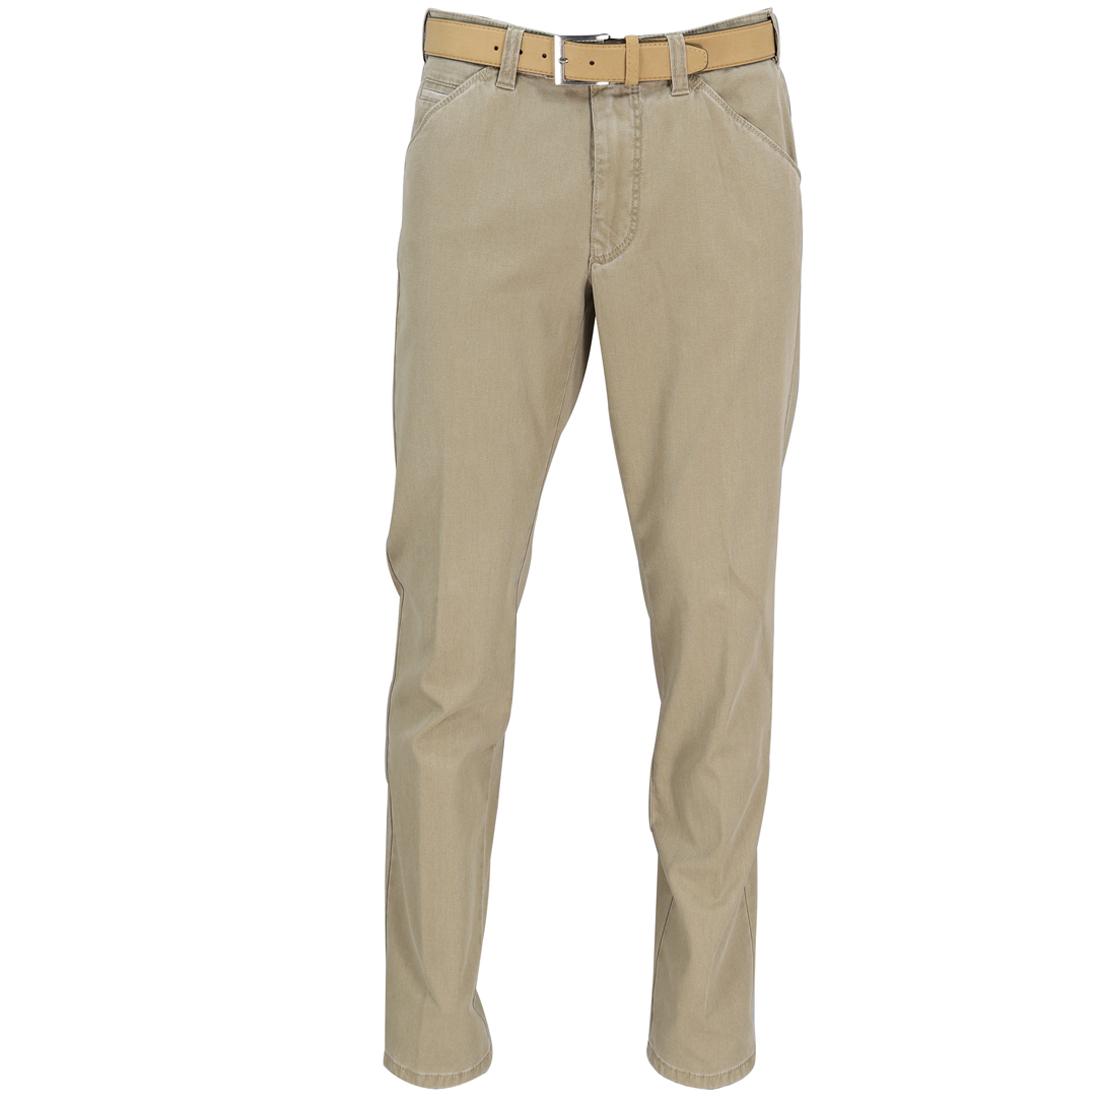 Meyer Hosen broeken Chicago 3321501600 in het Camel